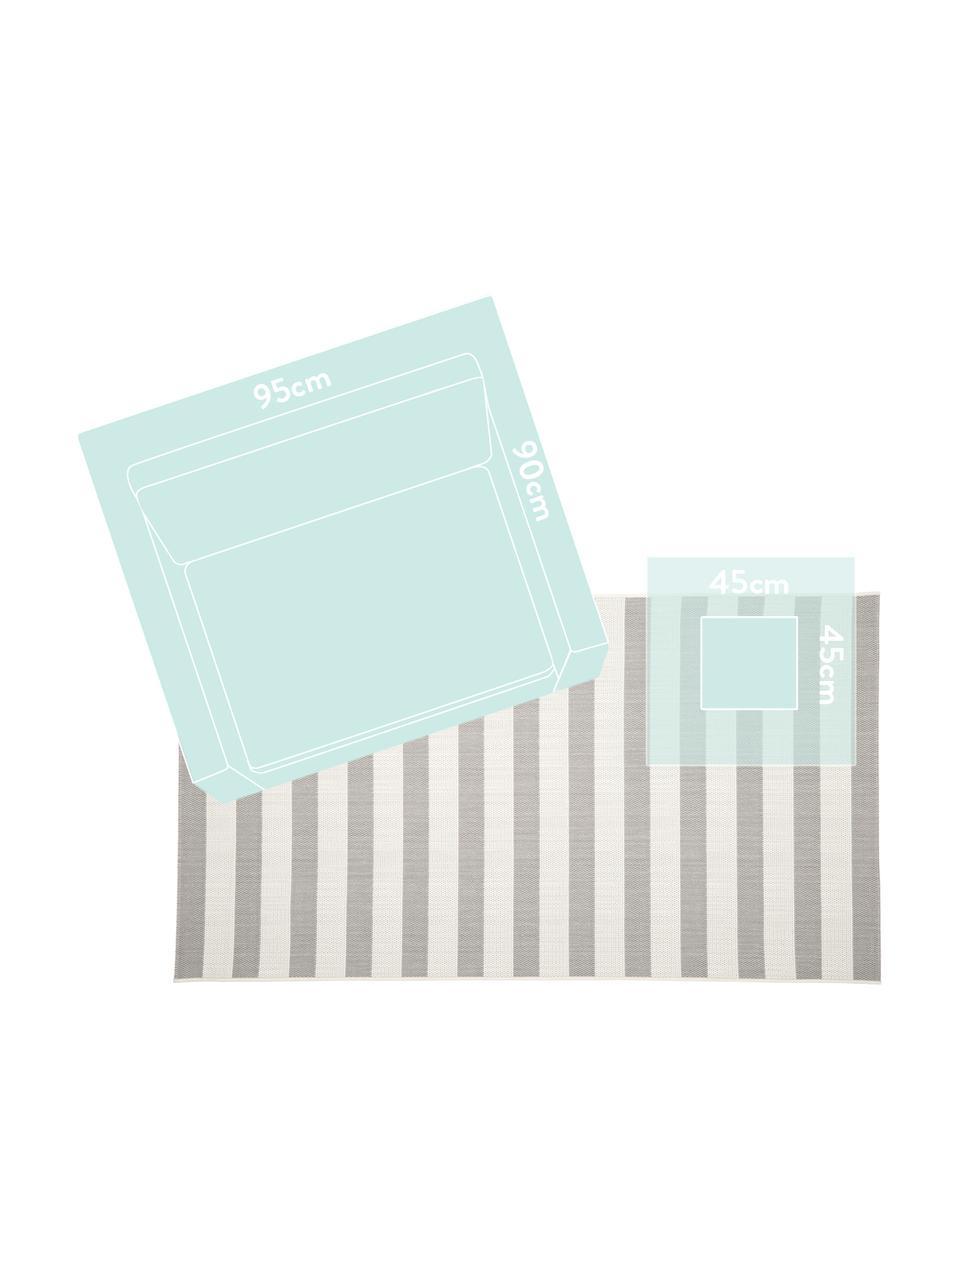 Gestreifter In- & Outdoor-Teppich Axa in Grau/Weiß, 86% Polypropylen, 14% Polyester, Cremeweiß, Grau, B 200 x L 290 cm (Größe L)